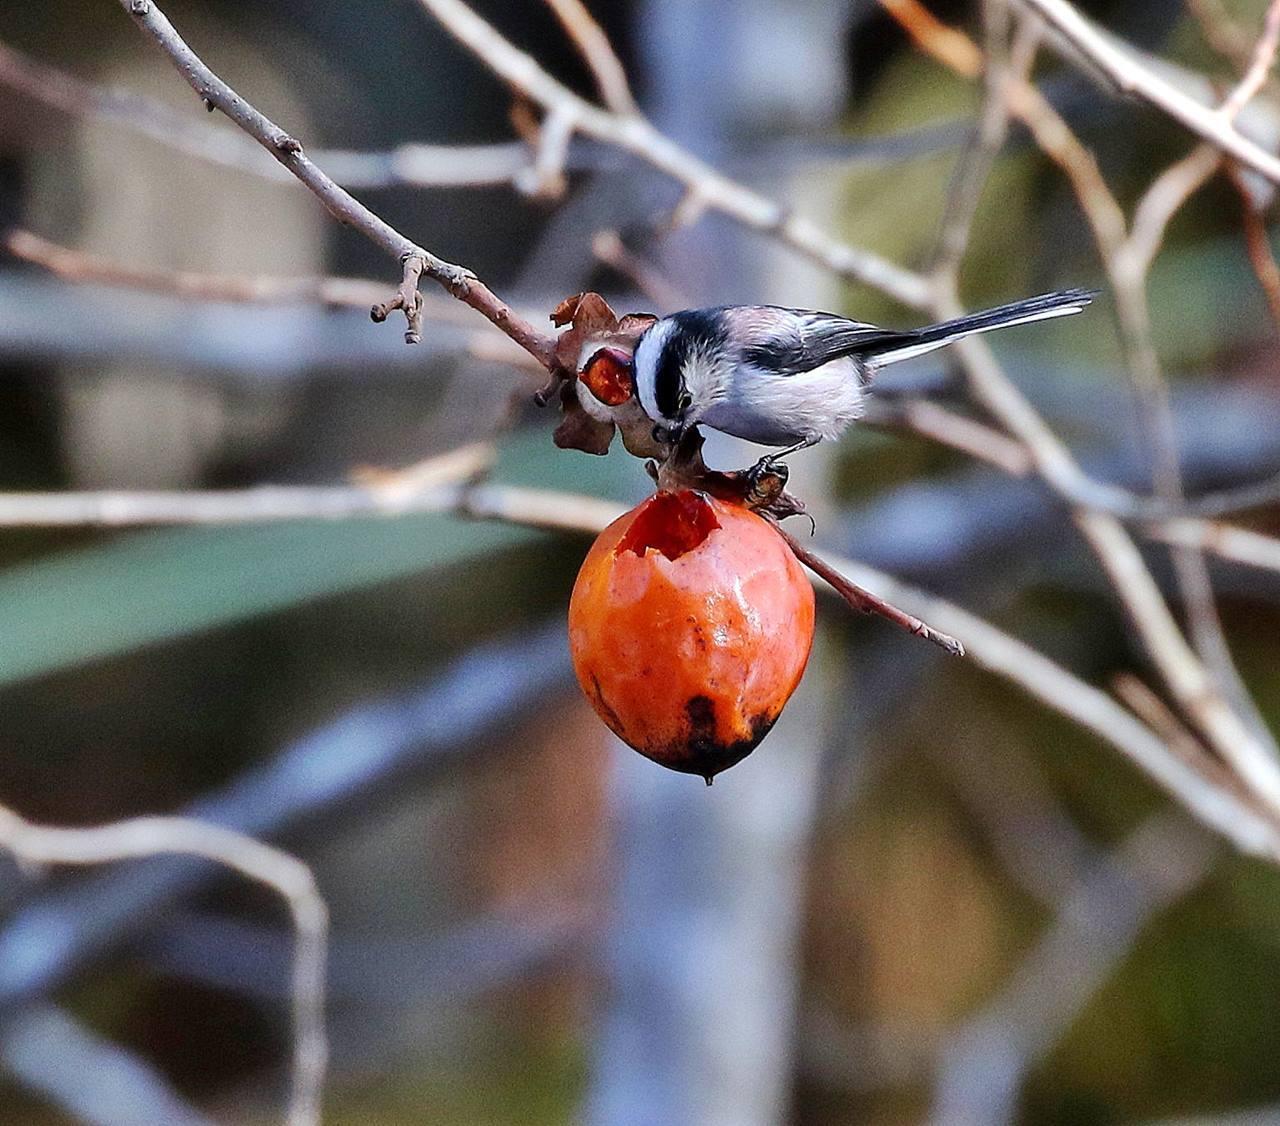 熟れた柿にやって来た野鳥たち・・・_c0213607_22052102.jpg